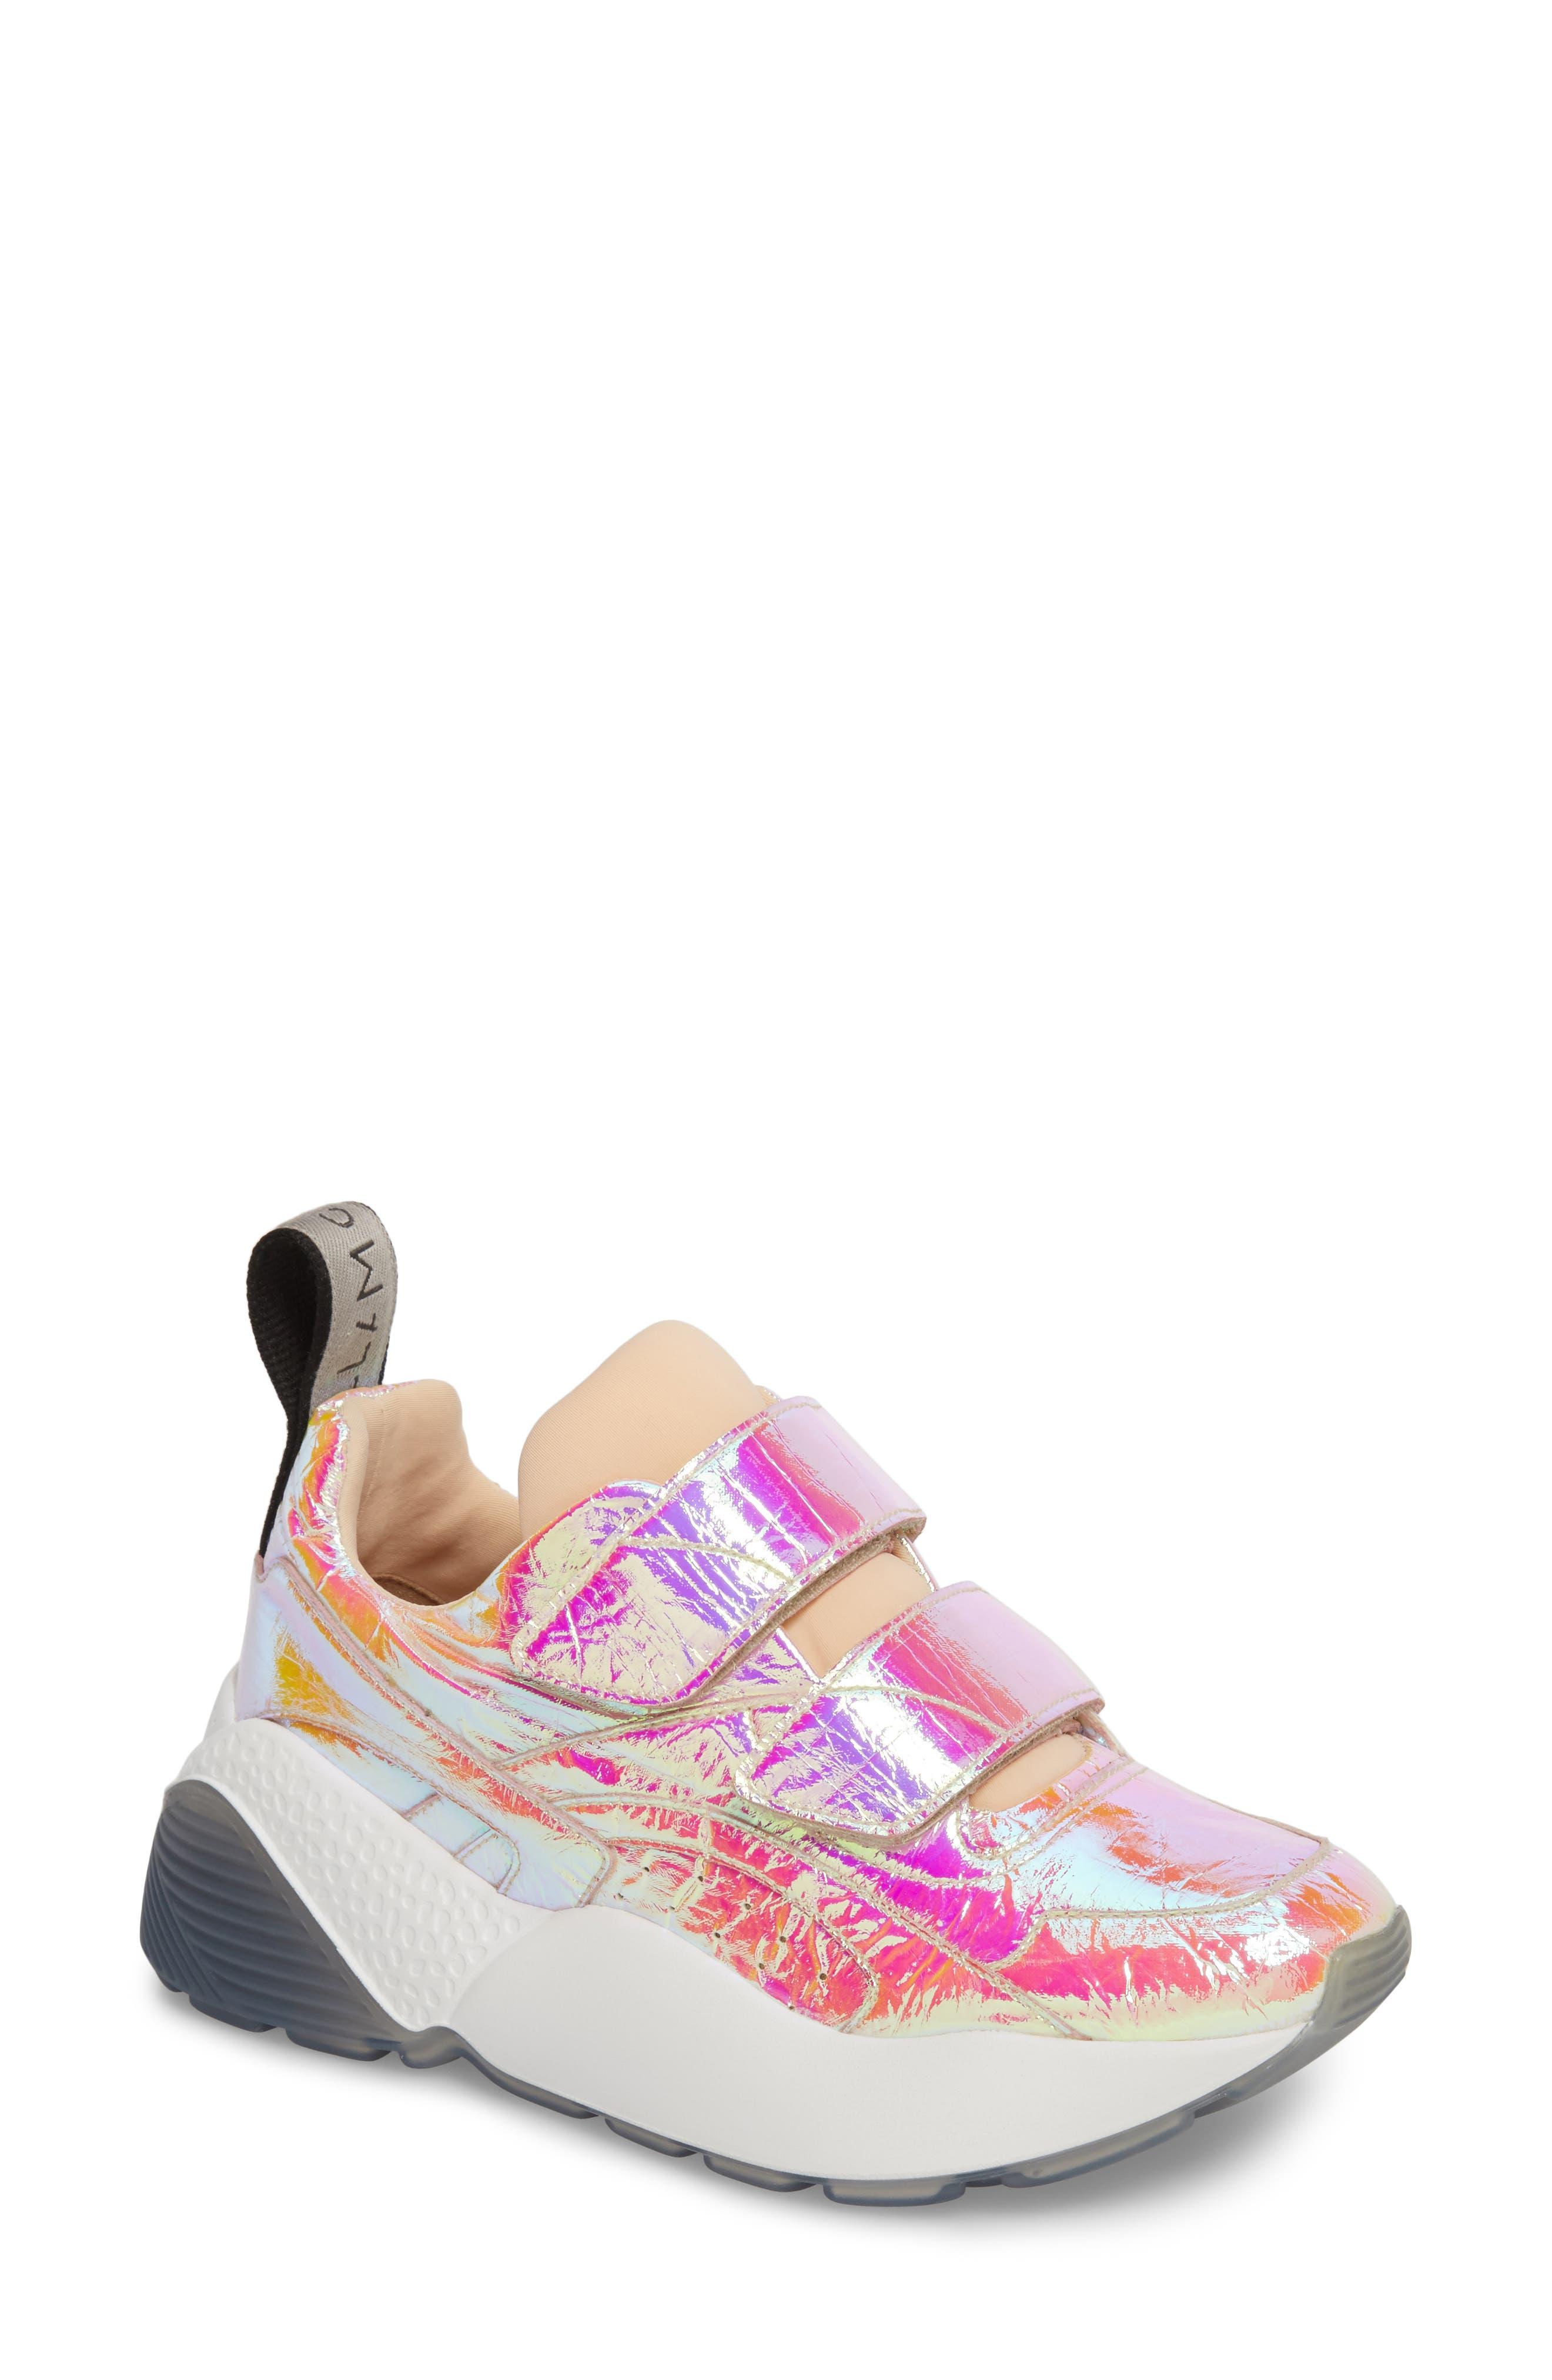 Prisma Sneaker,                         Main,                         color, Prisma